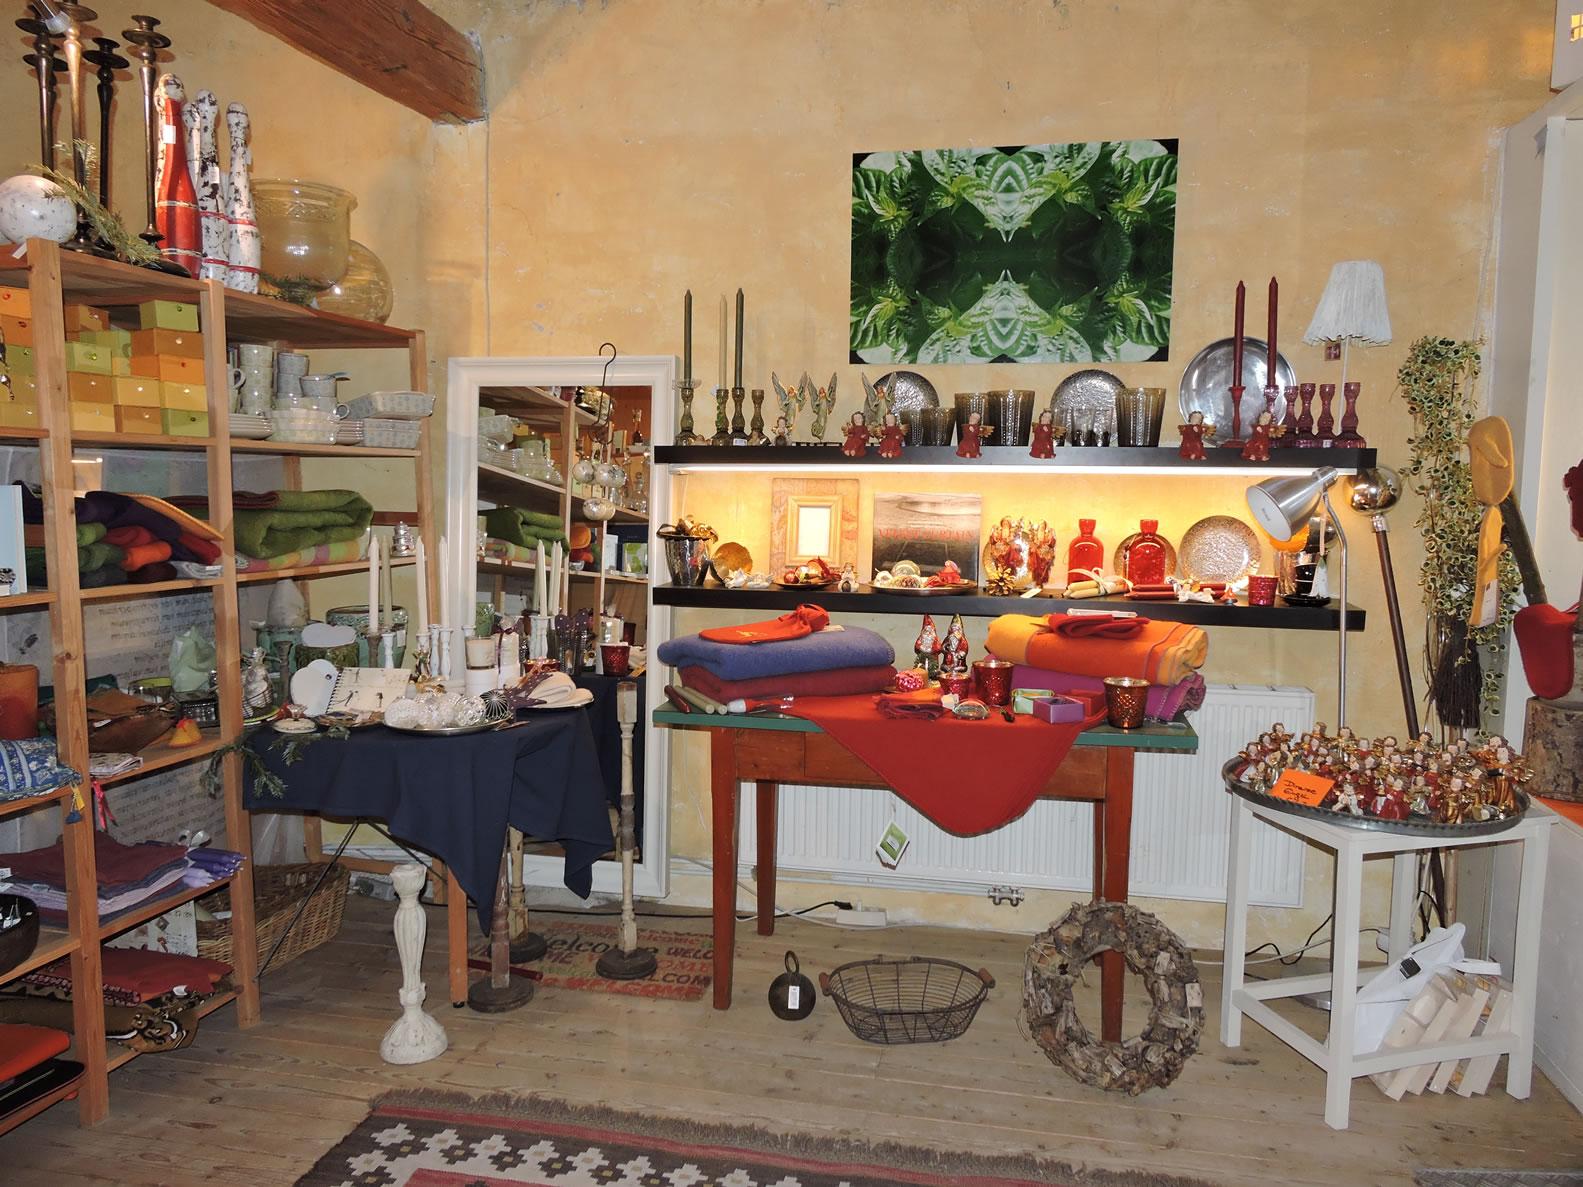 Kunst und Kulturgut Höribach Weihnachtsmarkt, Bio-Heu-Region, Biodorf (4)